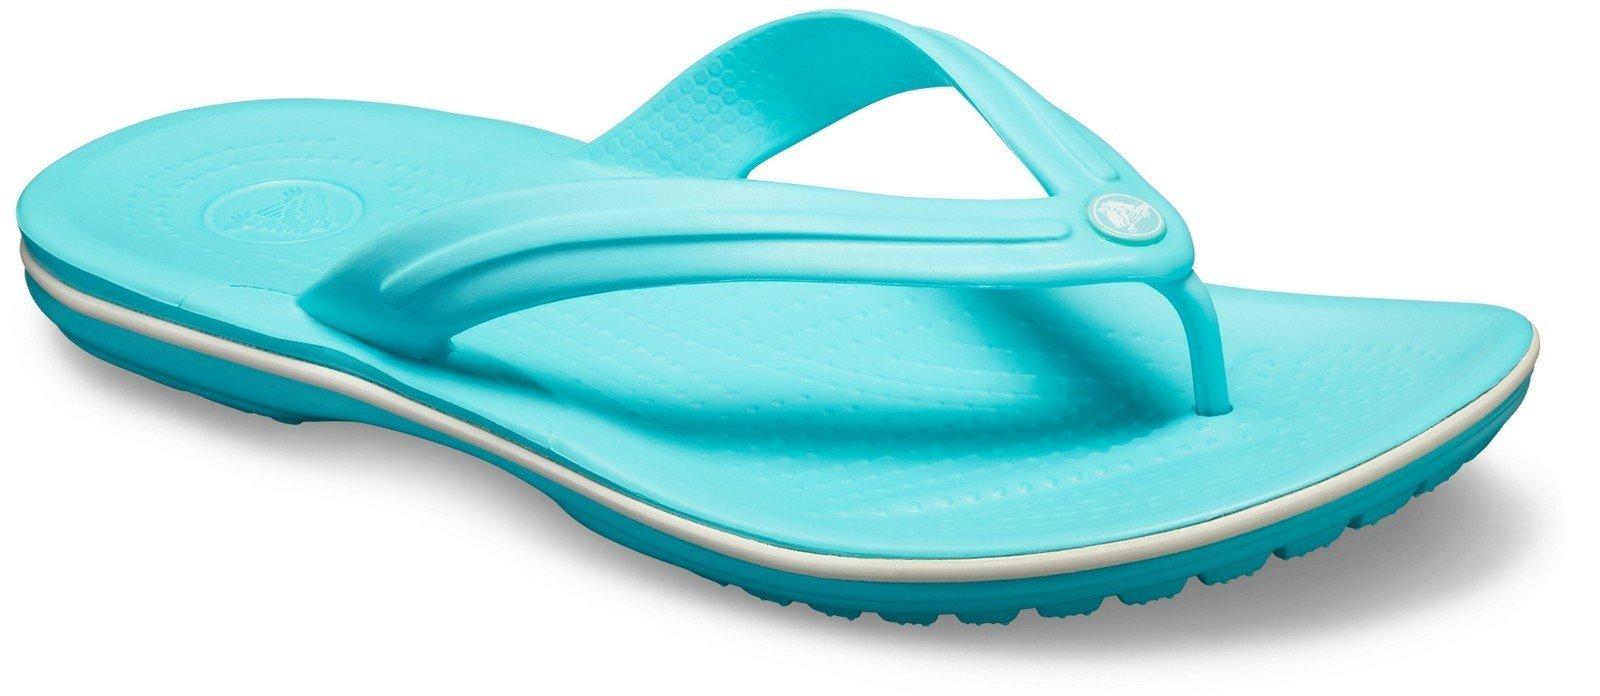 Crocs Unisex Crocband Flip Flops Various Colours 21067 - Pool 3